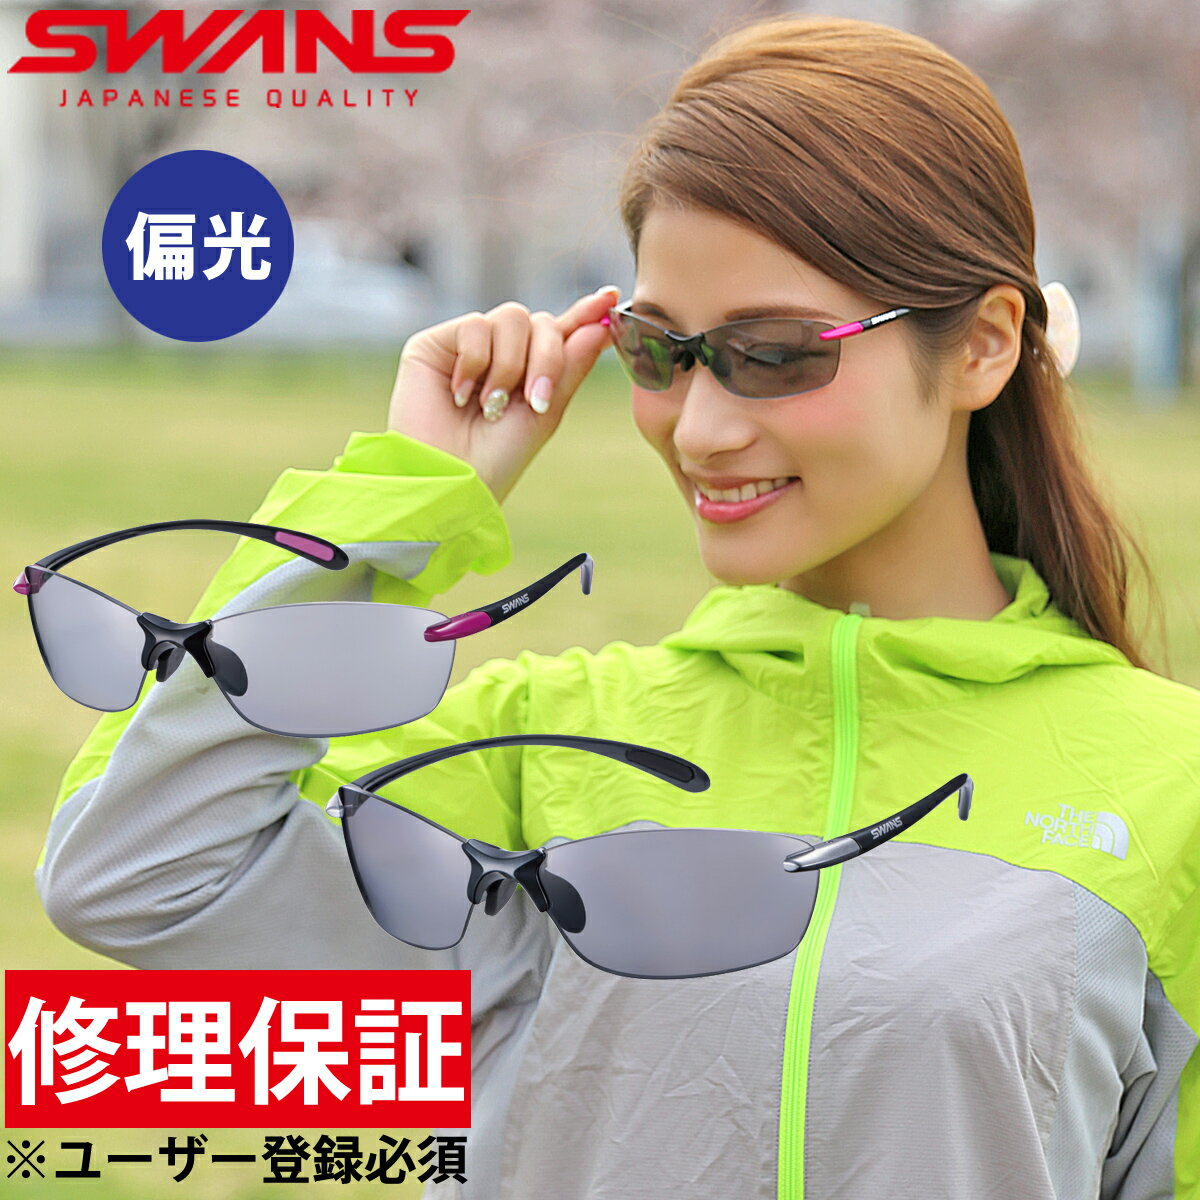 スポーツサングラス Airless Leaffit エアレス・リーフフィット 偏光レンズ SALF-0051 SALF-0053 偏光サングラス メンズ レディース UV 紫外線カット おすすめ 人気 おしゃれ